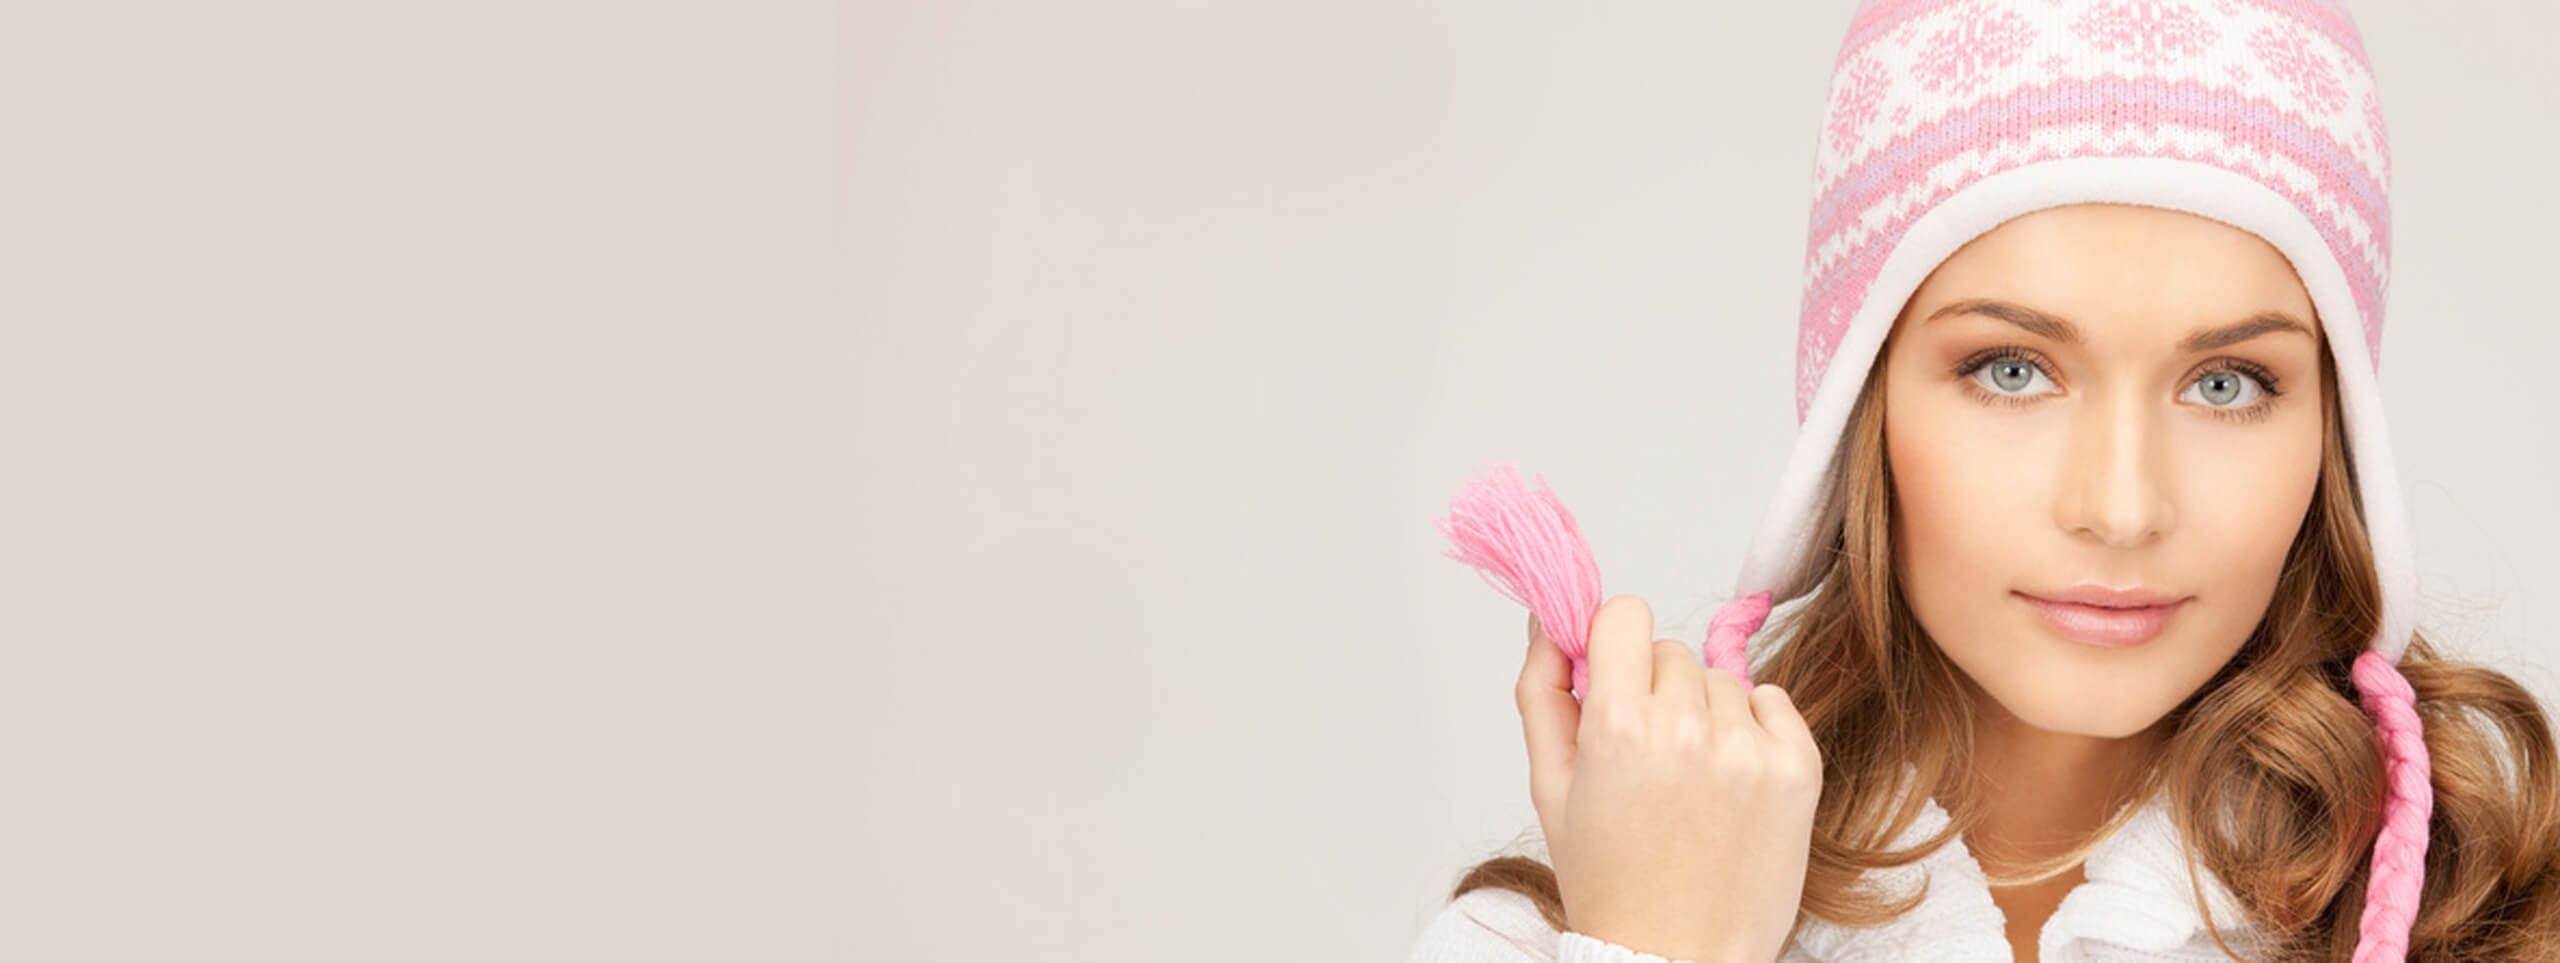 Femme chatain avec bonnet rose